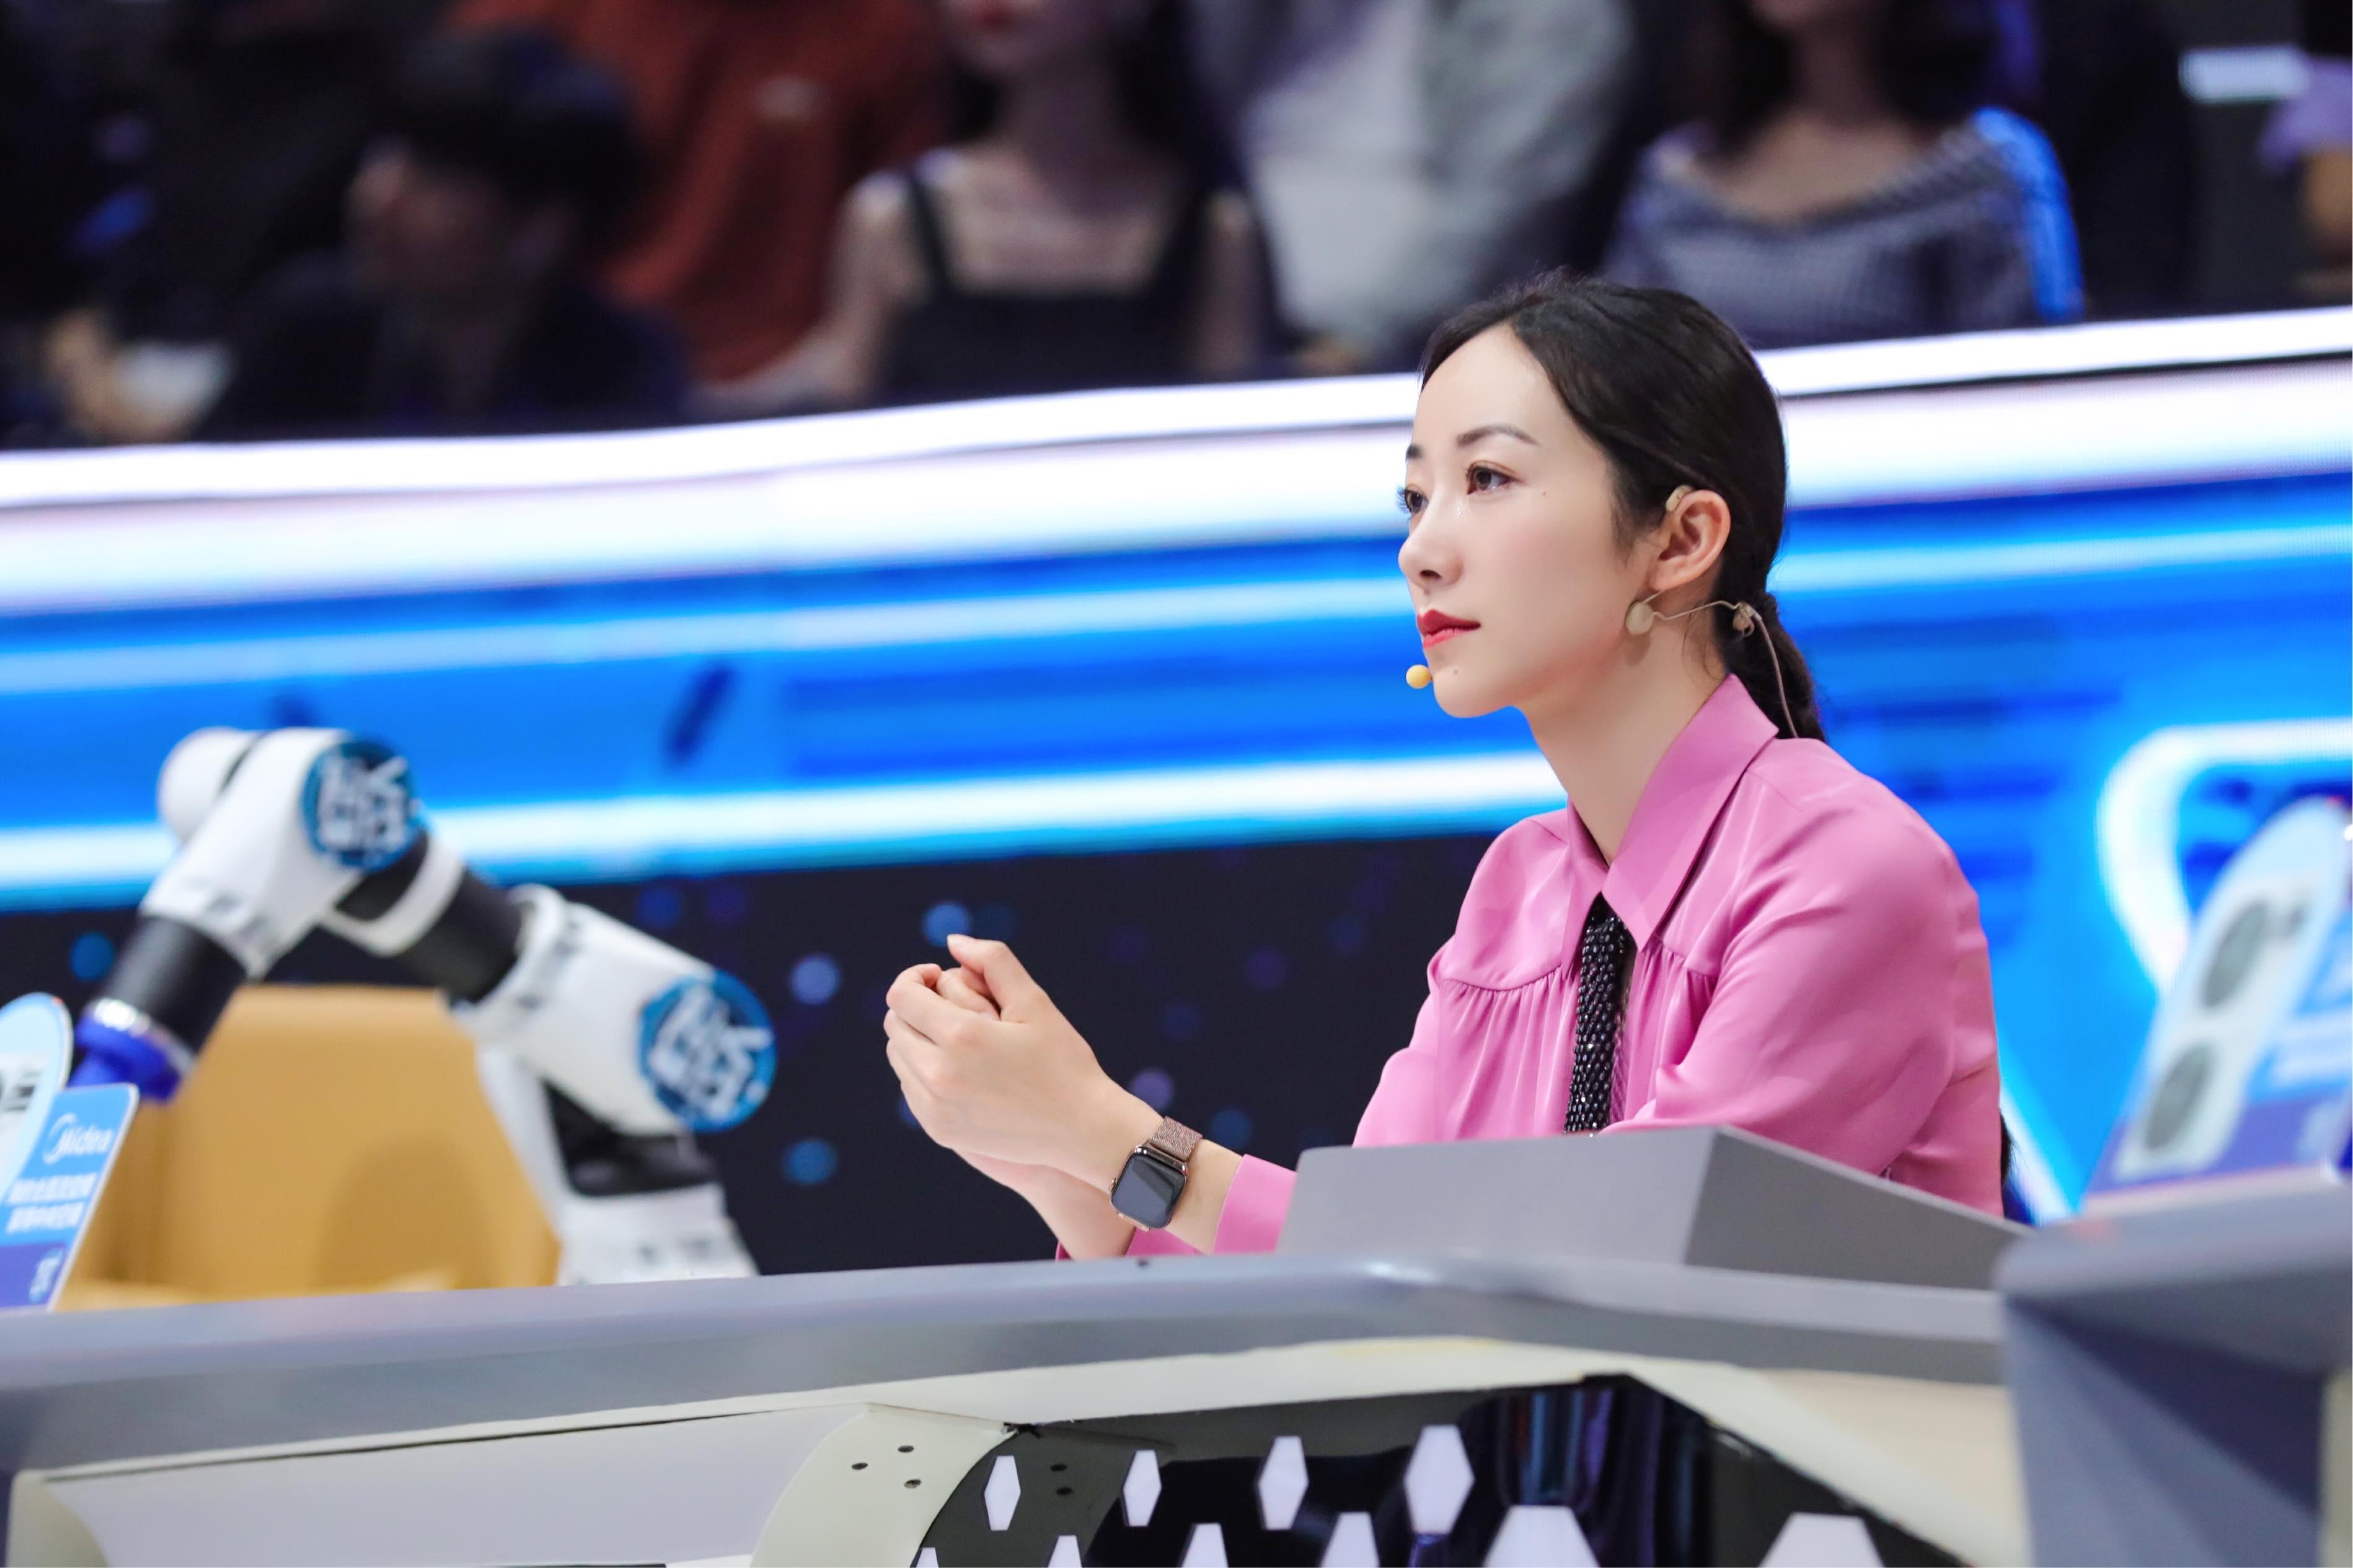 韩雪CCTV1《机智过人》昨日开播 获新闻联播强势推荐